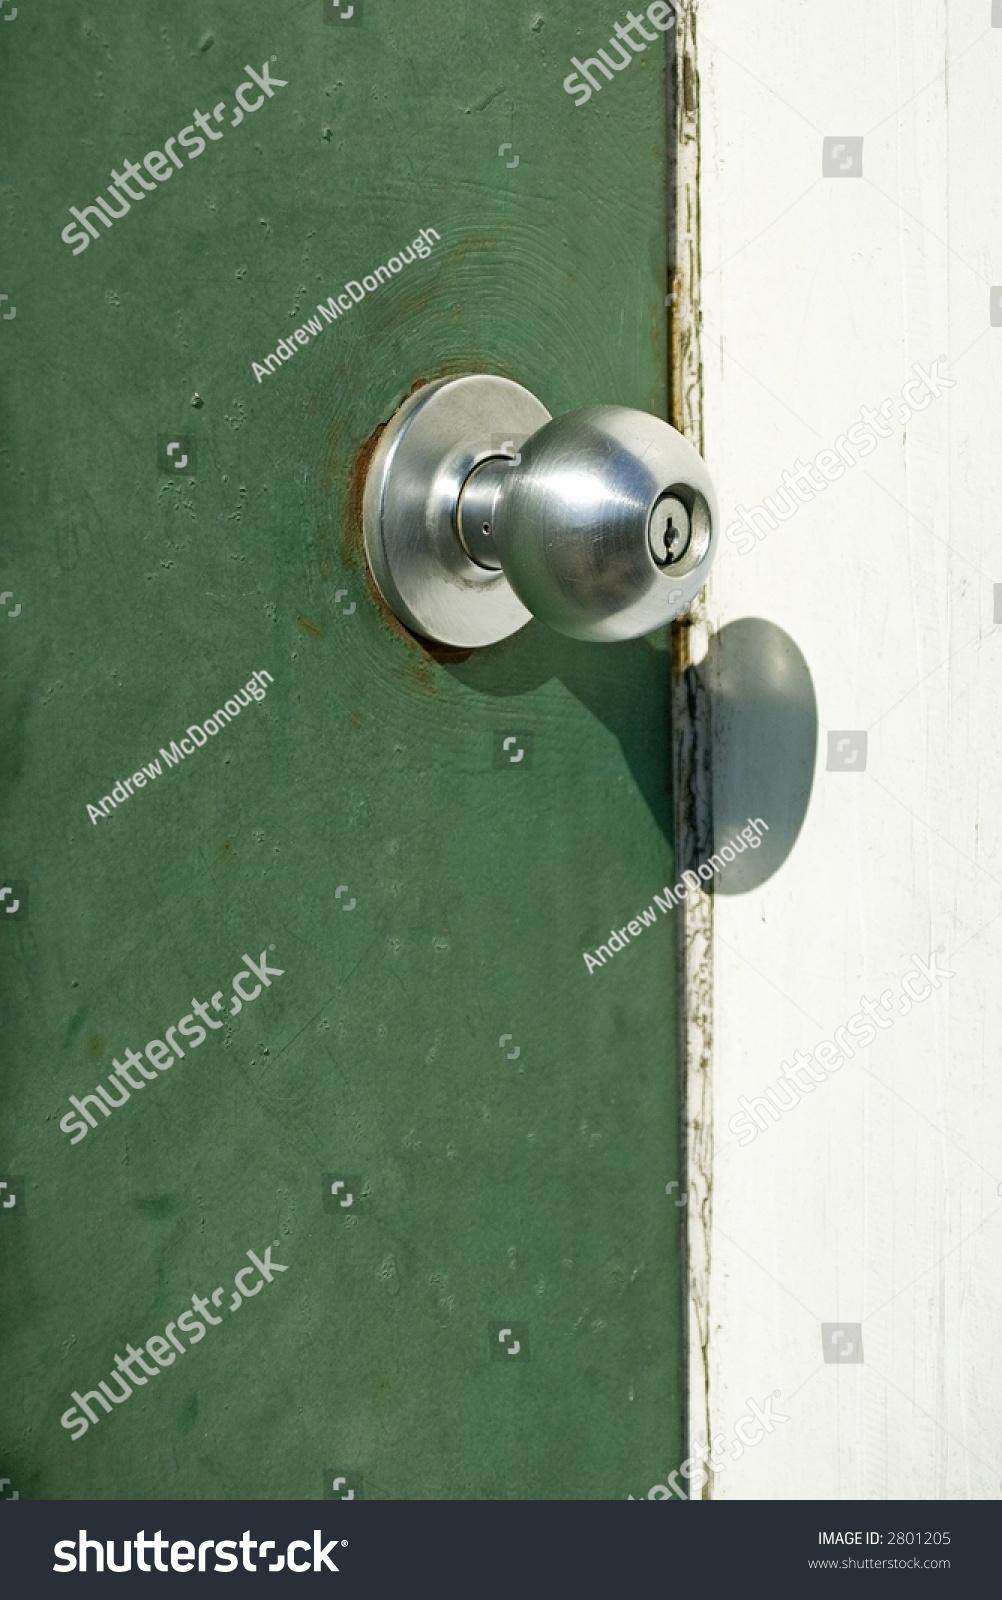 Chrome Door Knob On Green Door Stock Photo 2801205 - Shutterstock